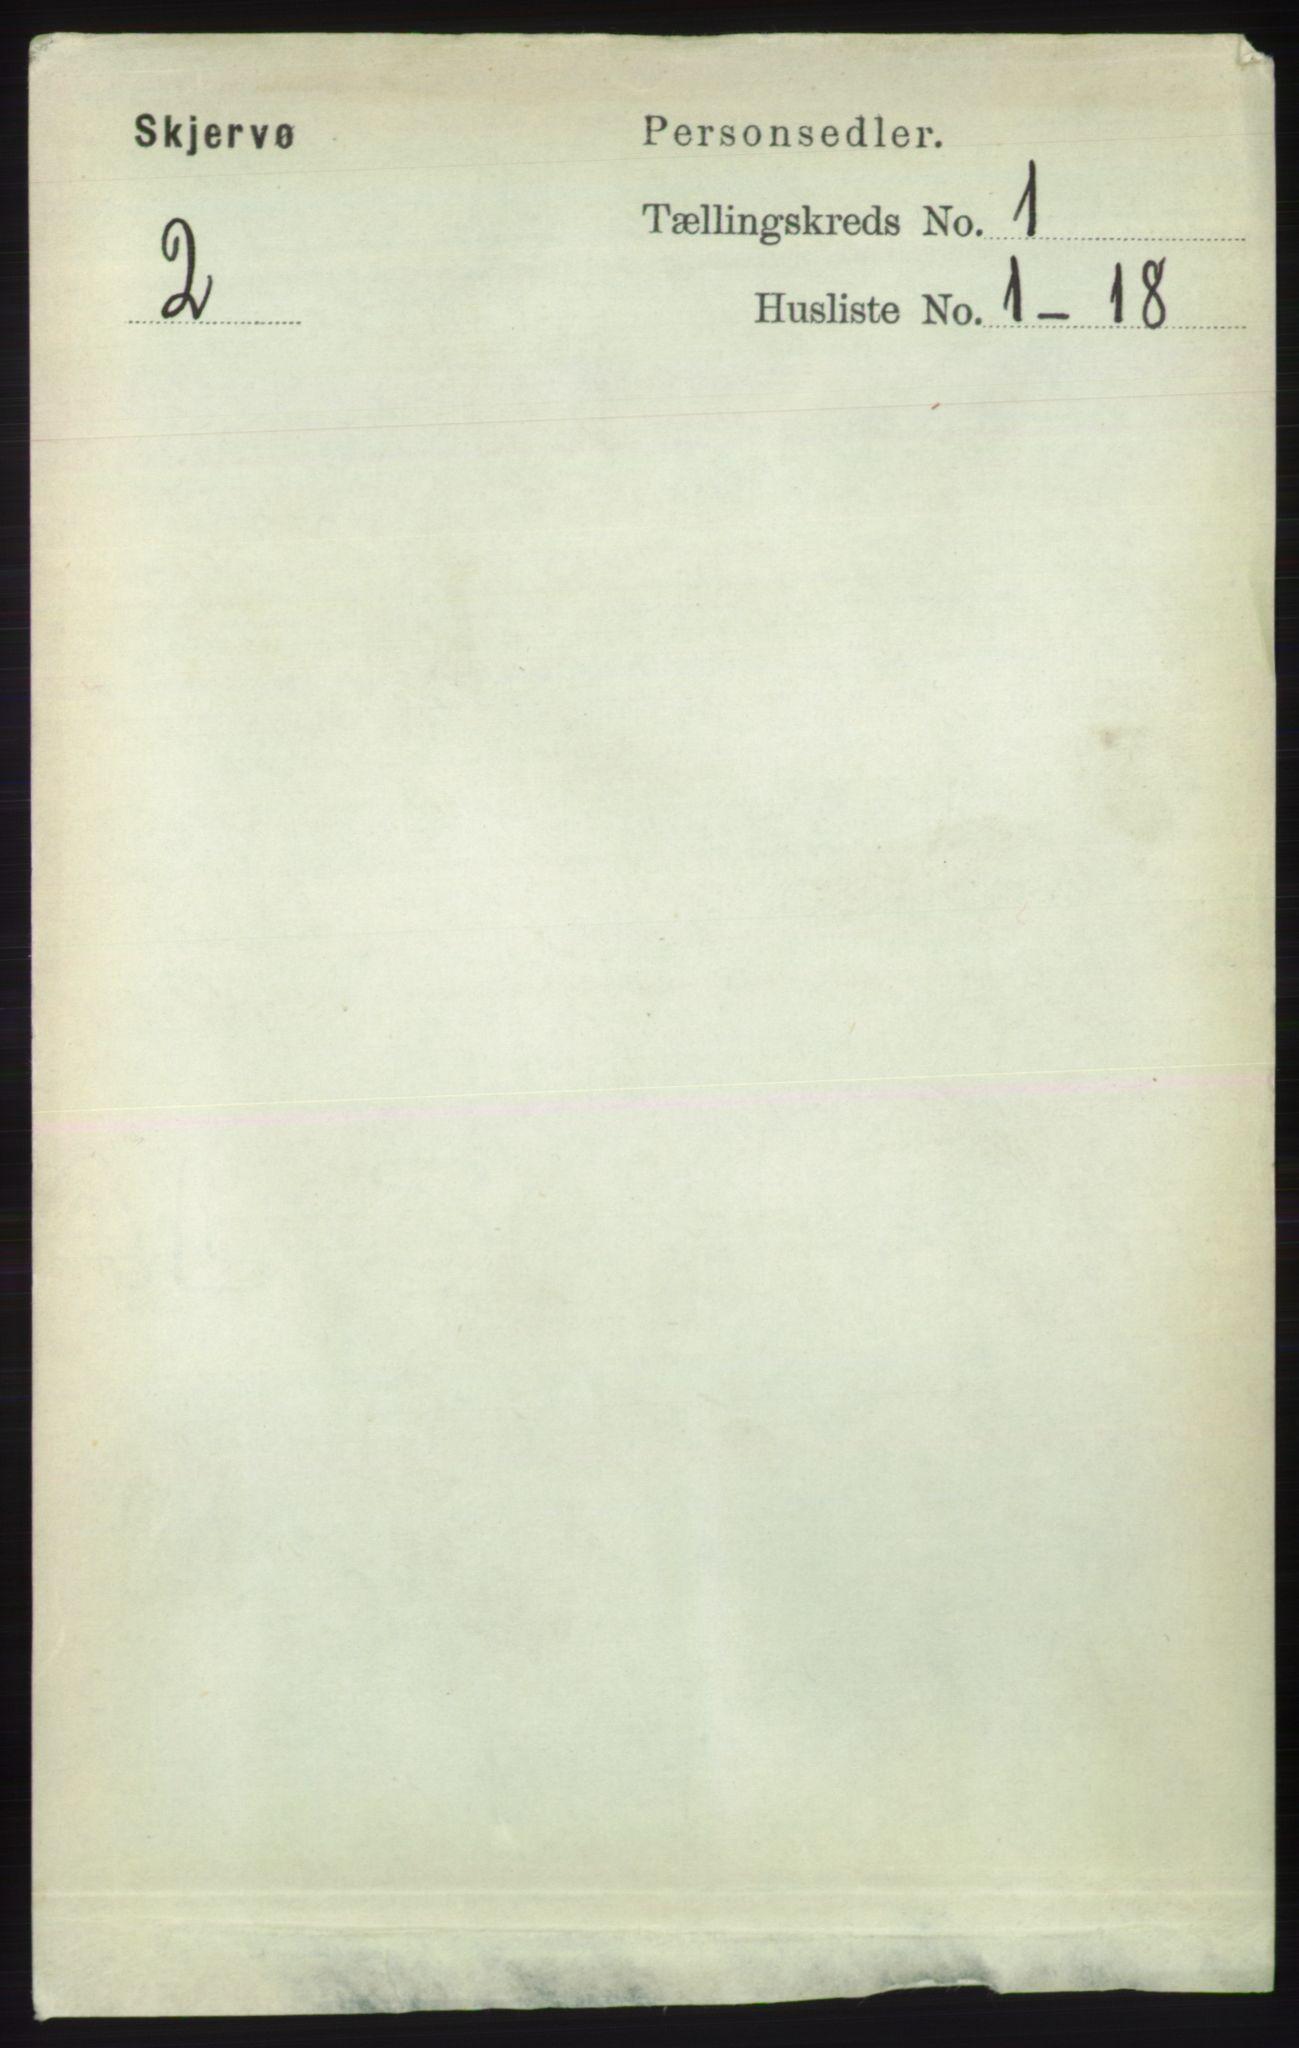 RA, Folketelling 1891 for 1941 Skjervøy herred, 1891, s. 124